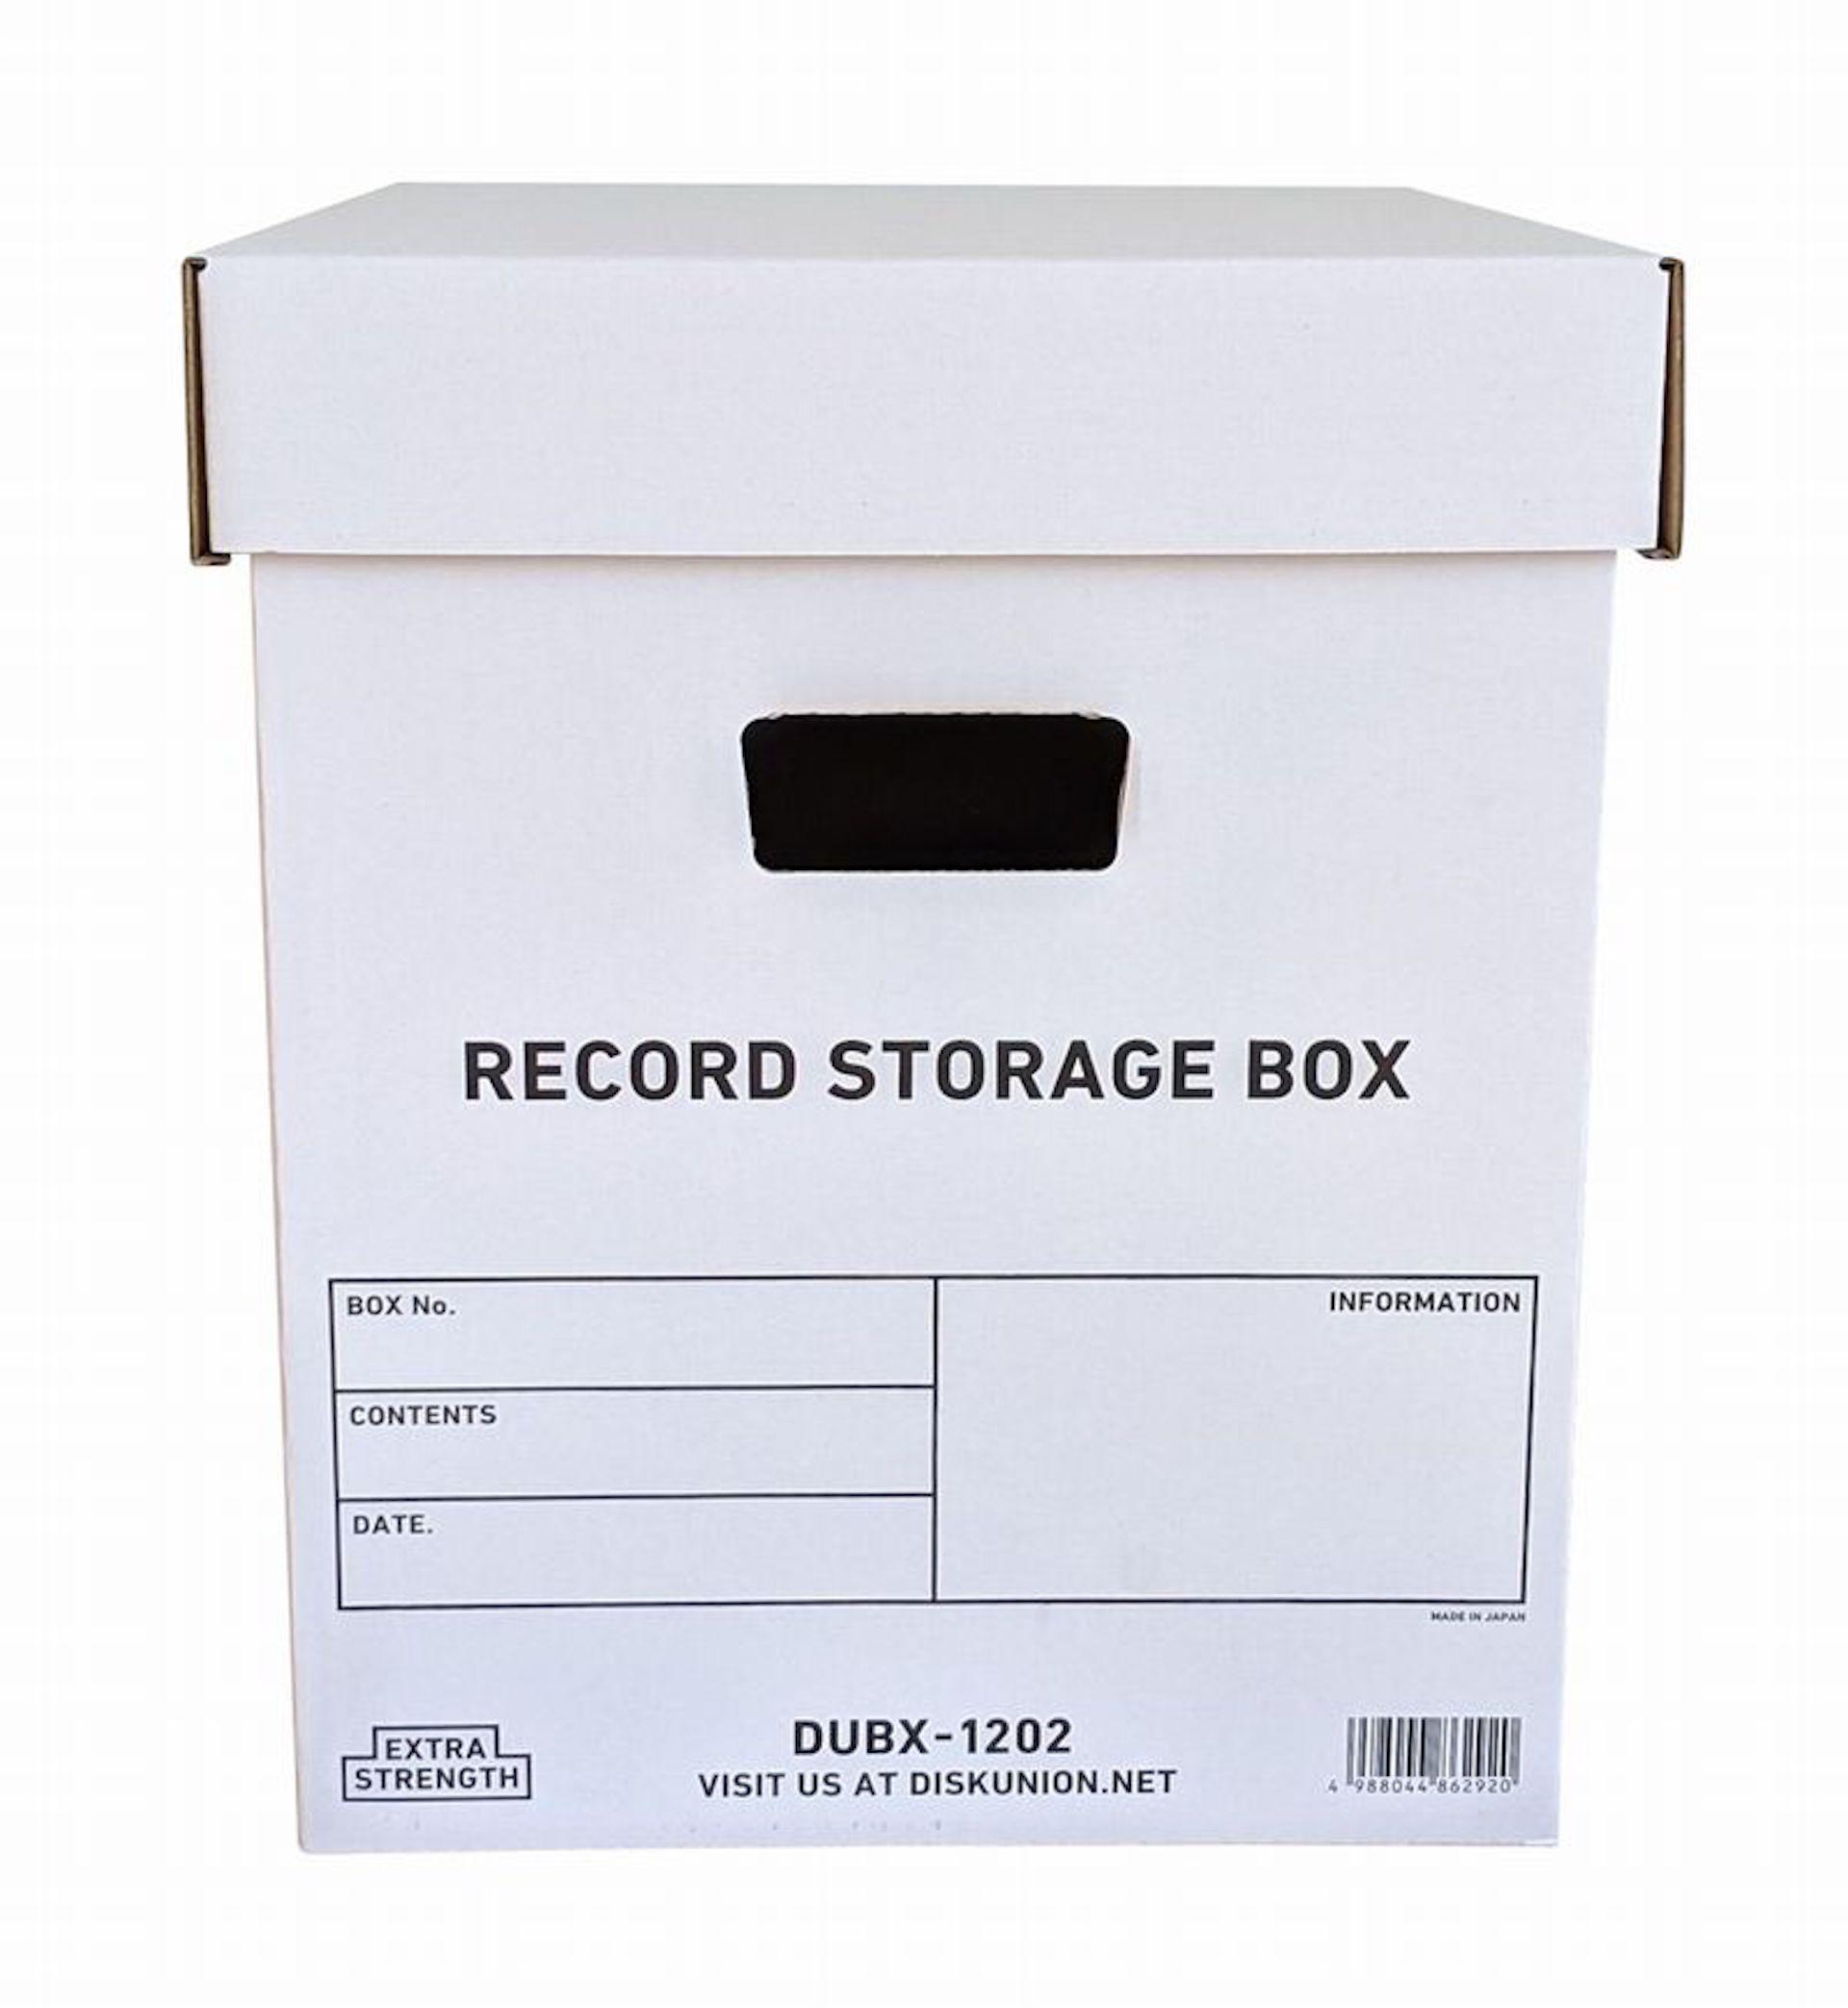 CD・レコードの収納用品に特化したディスクユニオン収納ストアが新宿にオープン!一部商品の情報も解禁 culture210624_diskunion9